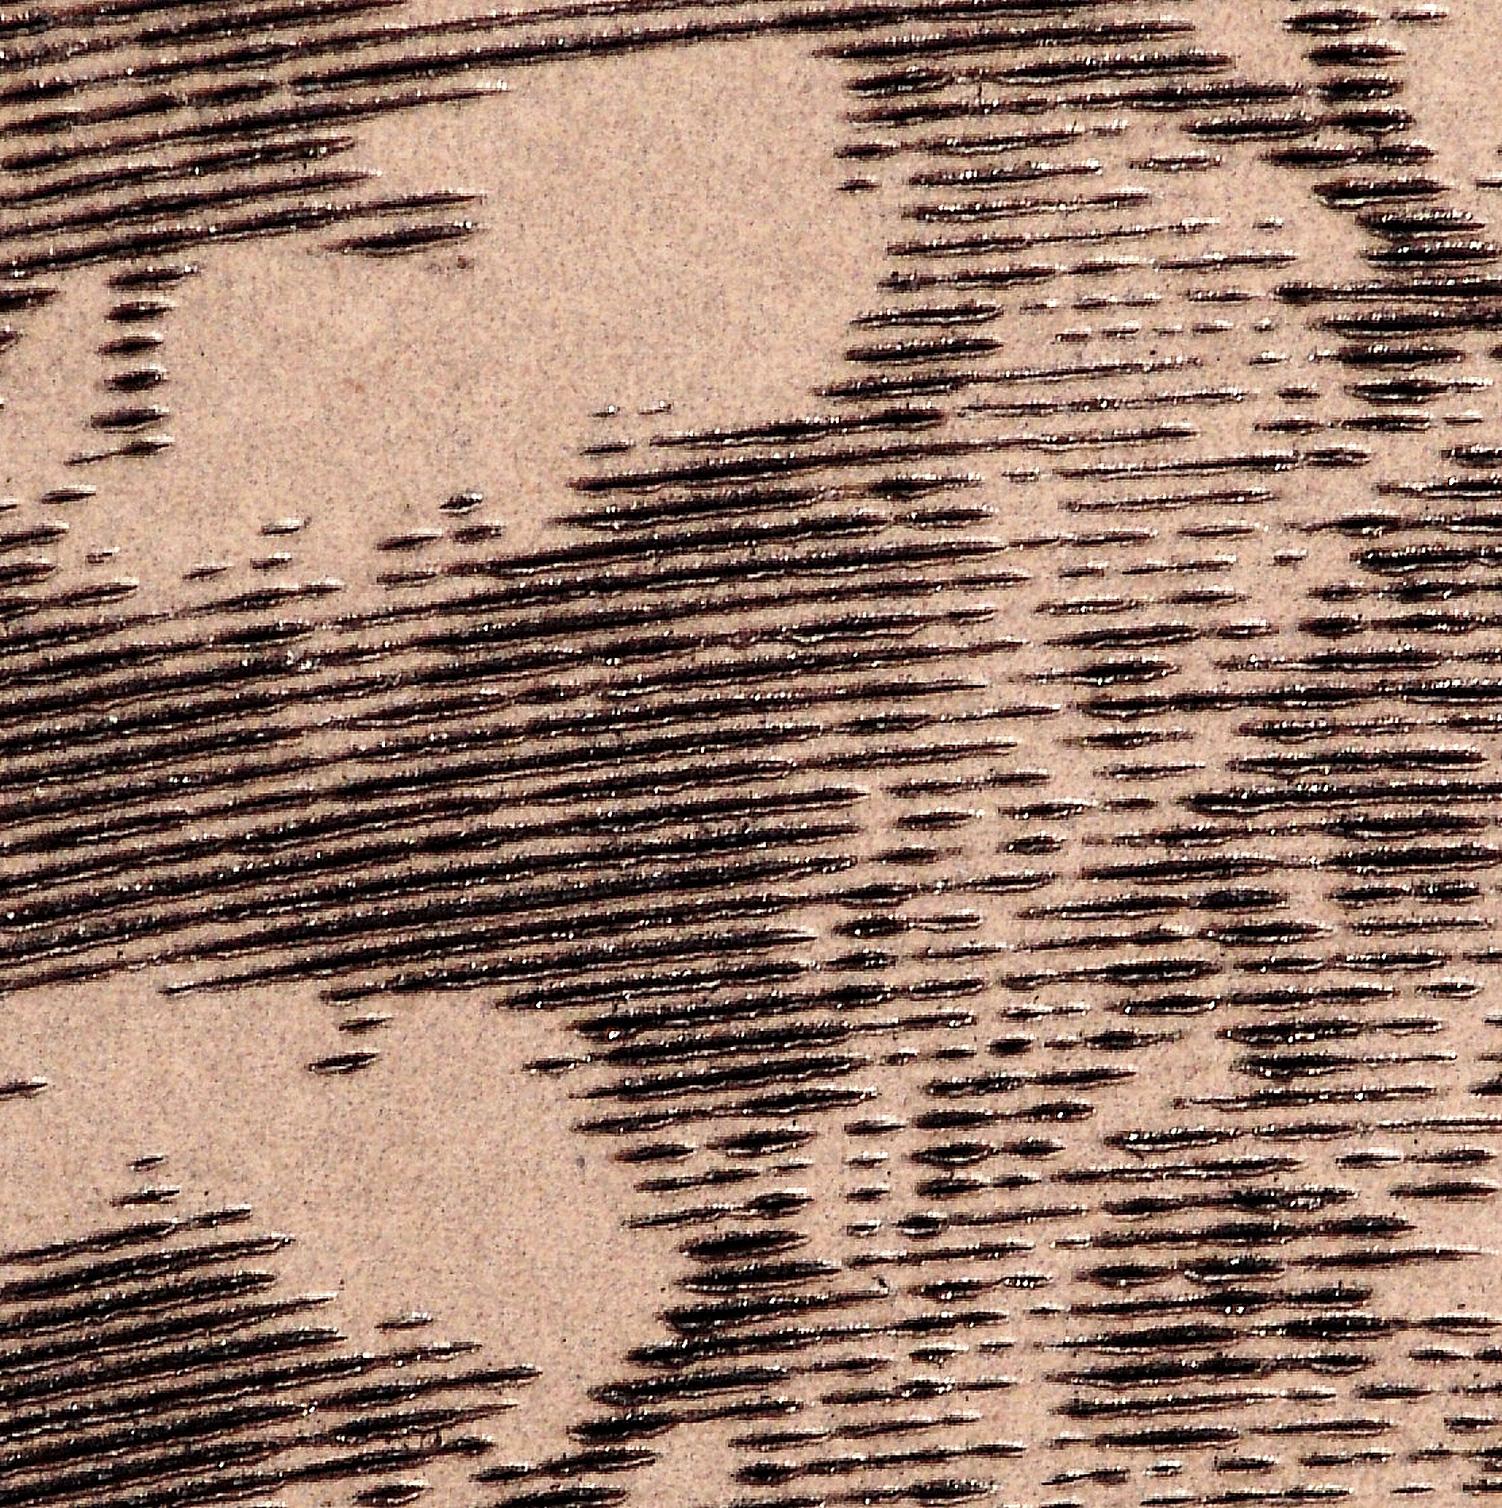 Pilar #3 (detail)